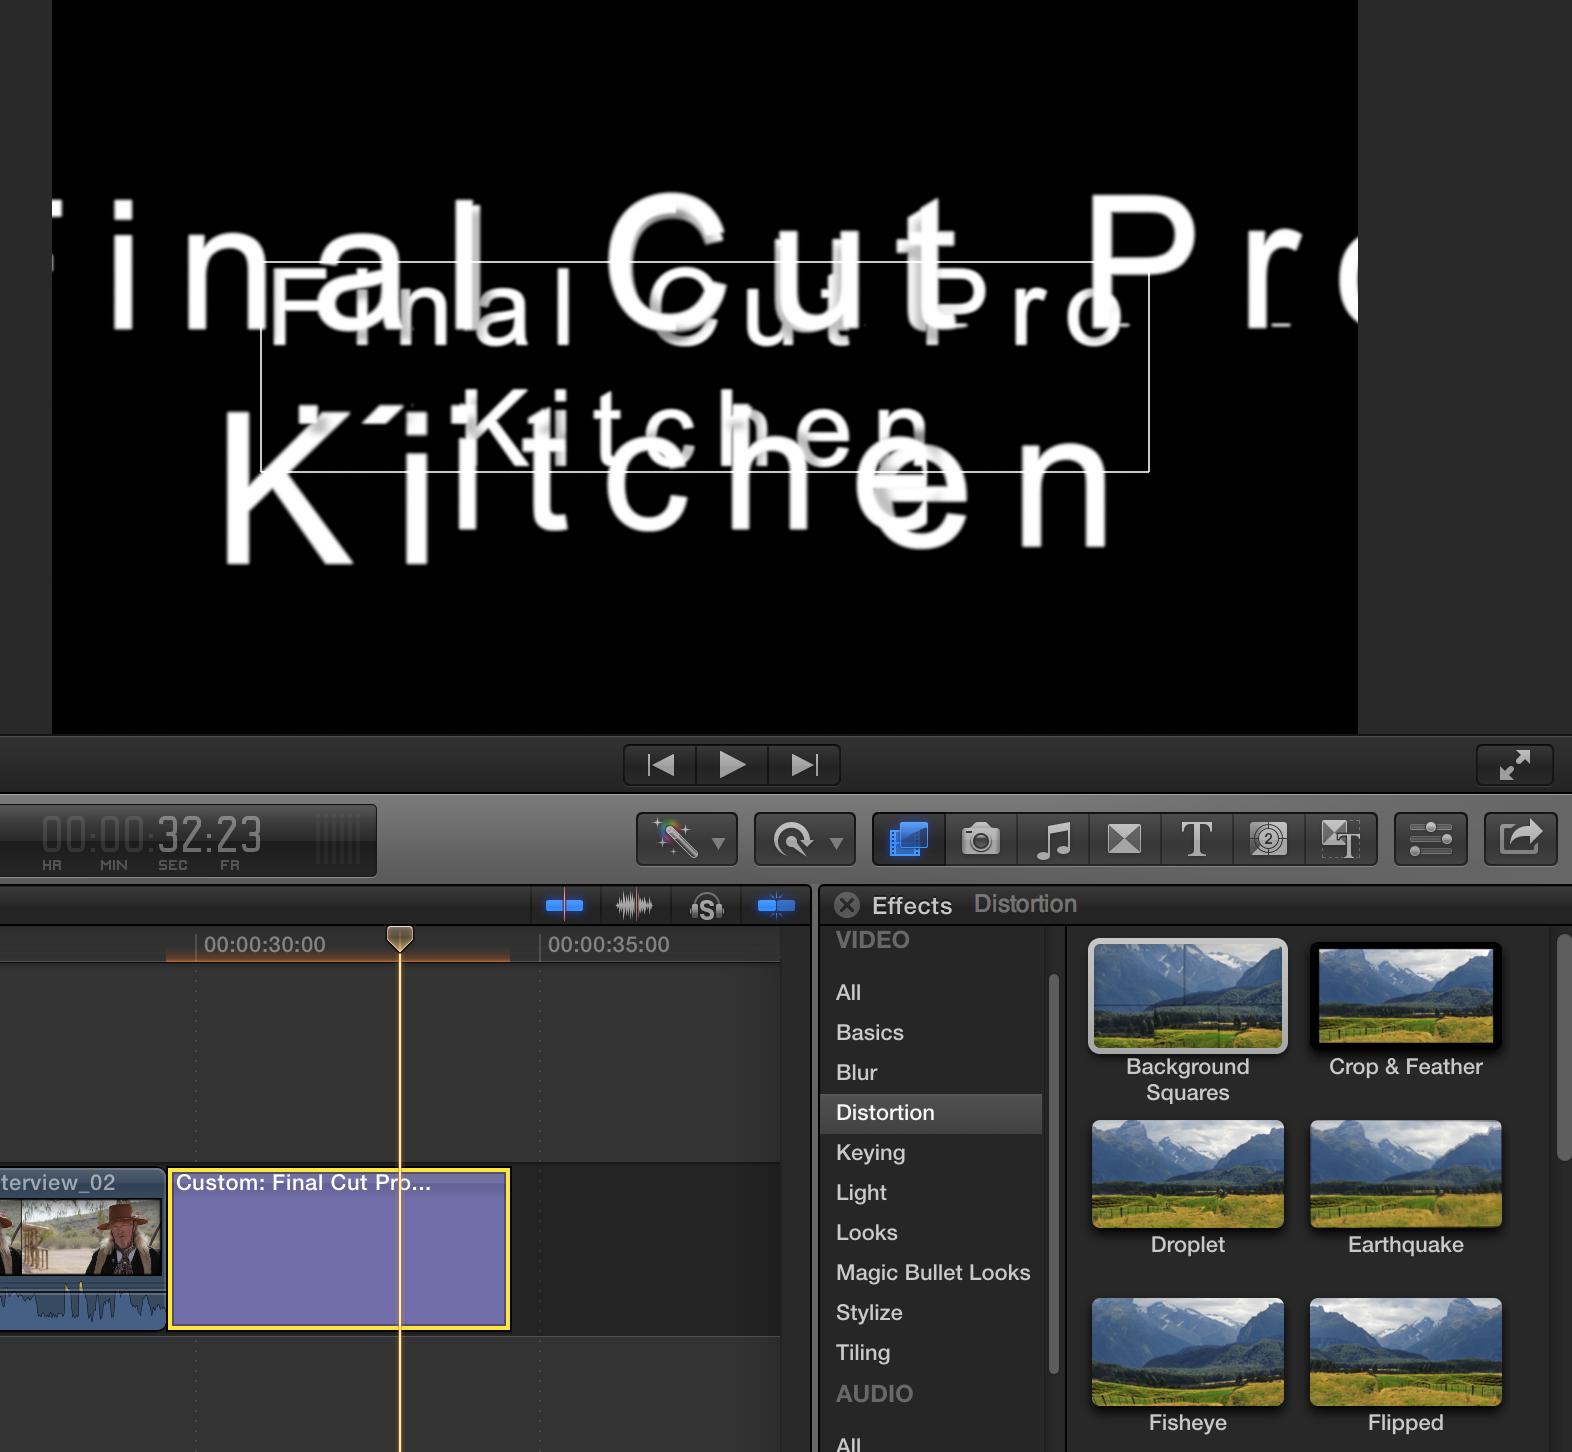 how to cut a clip in final cut pro